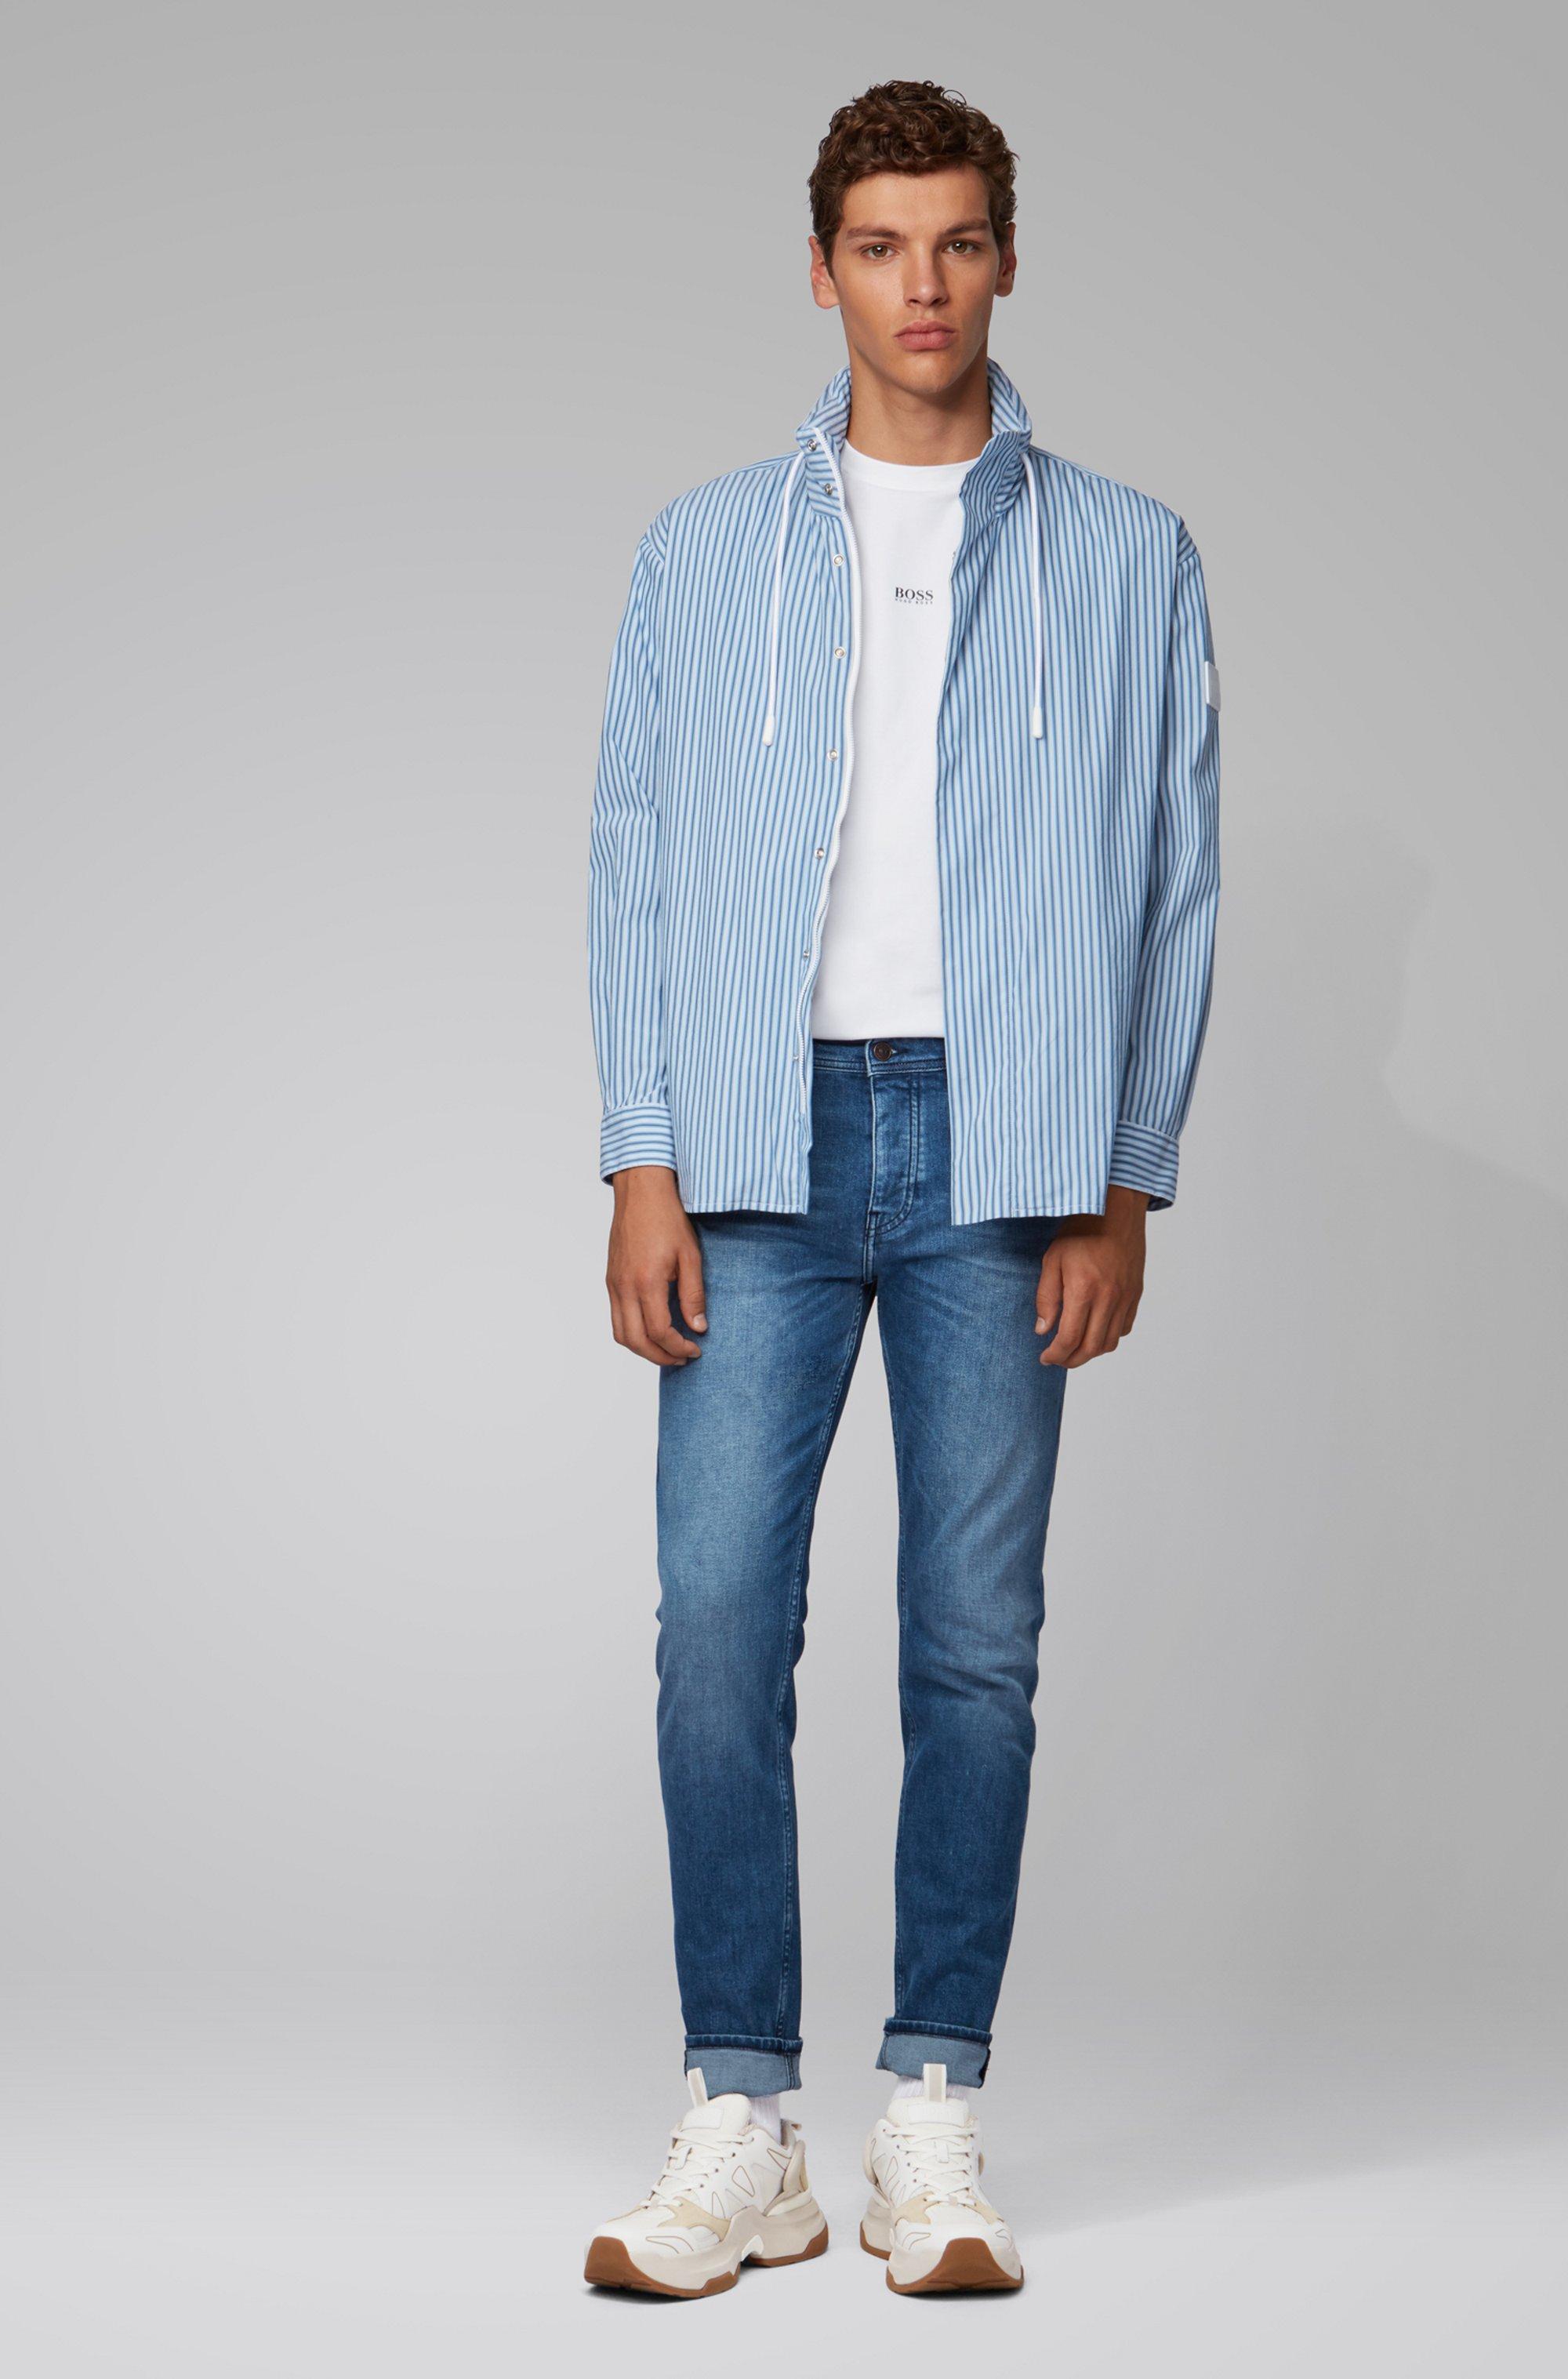 Jeans dal fit affusolato in comodo denim elasticizzato blu acceso